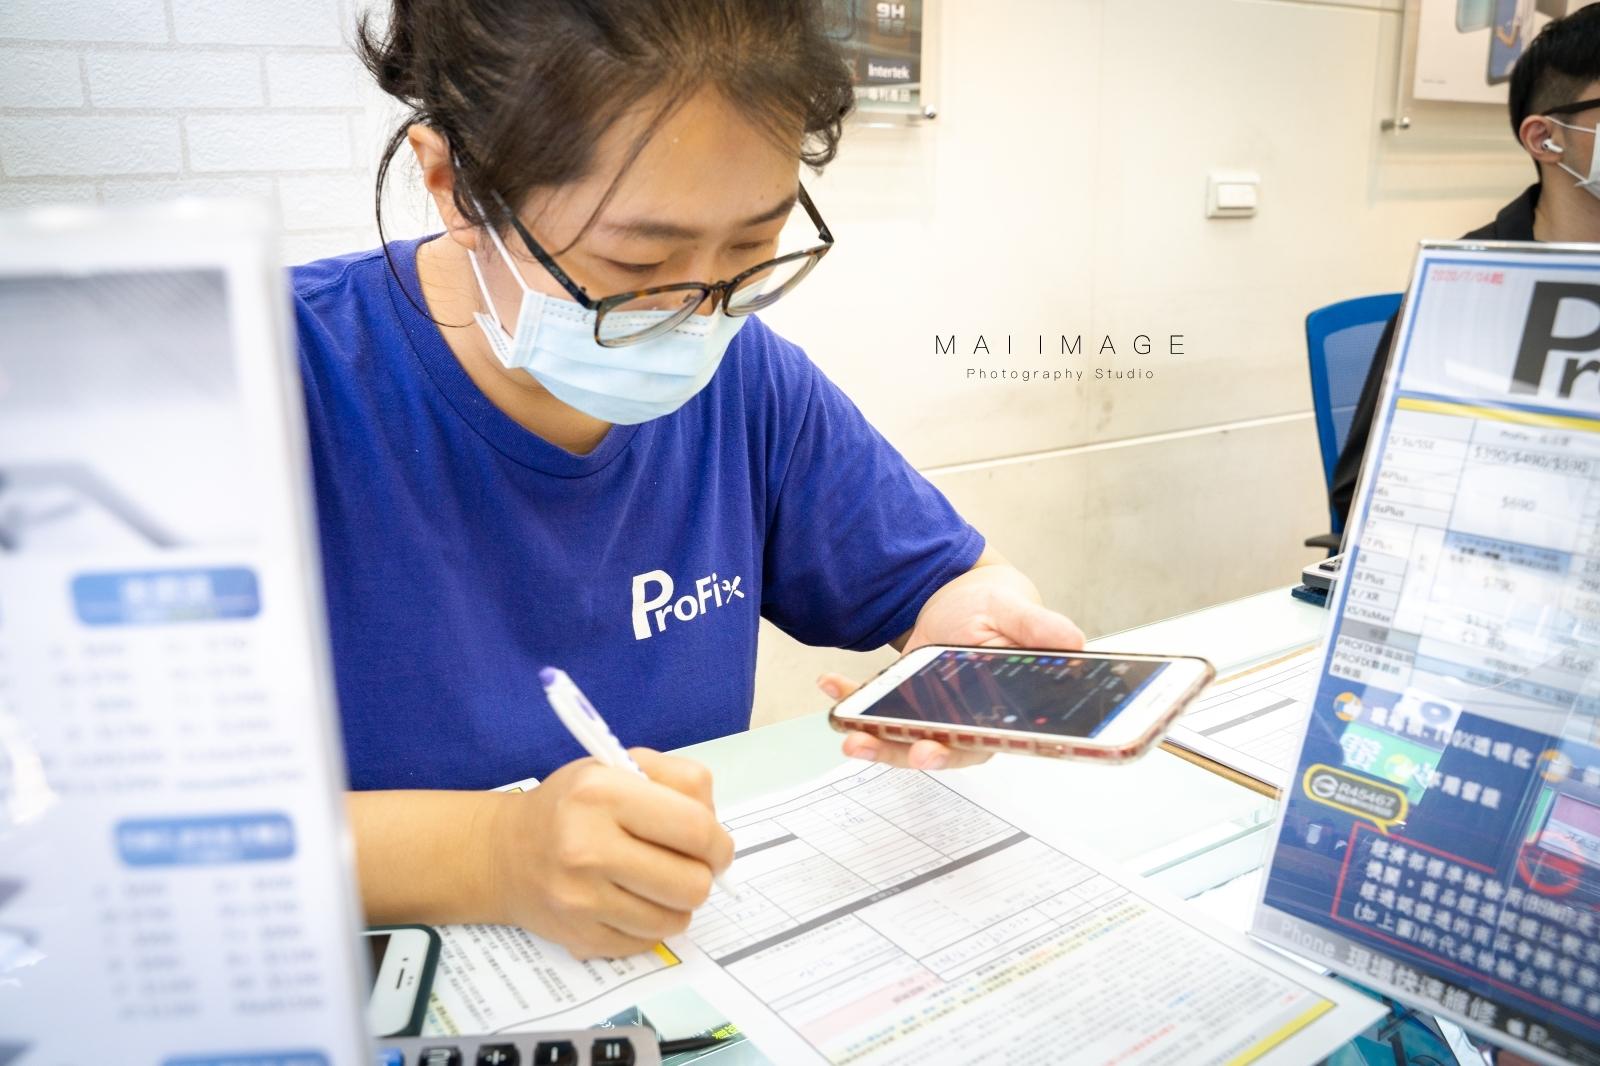 桃園優質iPhone維修~現場維修當天取件!全機檢測手機有什麼問題馬上對症下藥|換電池、螢幕維修、不充電、不開機、主機板現場維修|ProFix iPhone現場專業維修